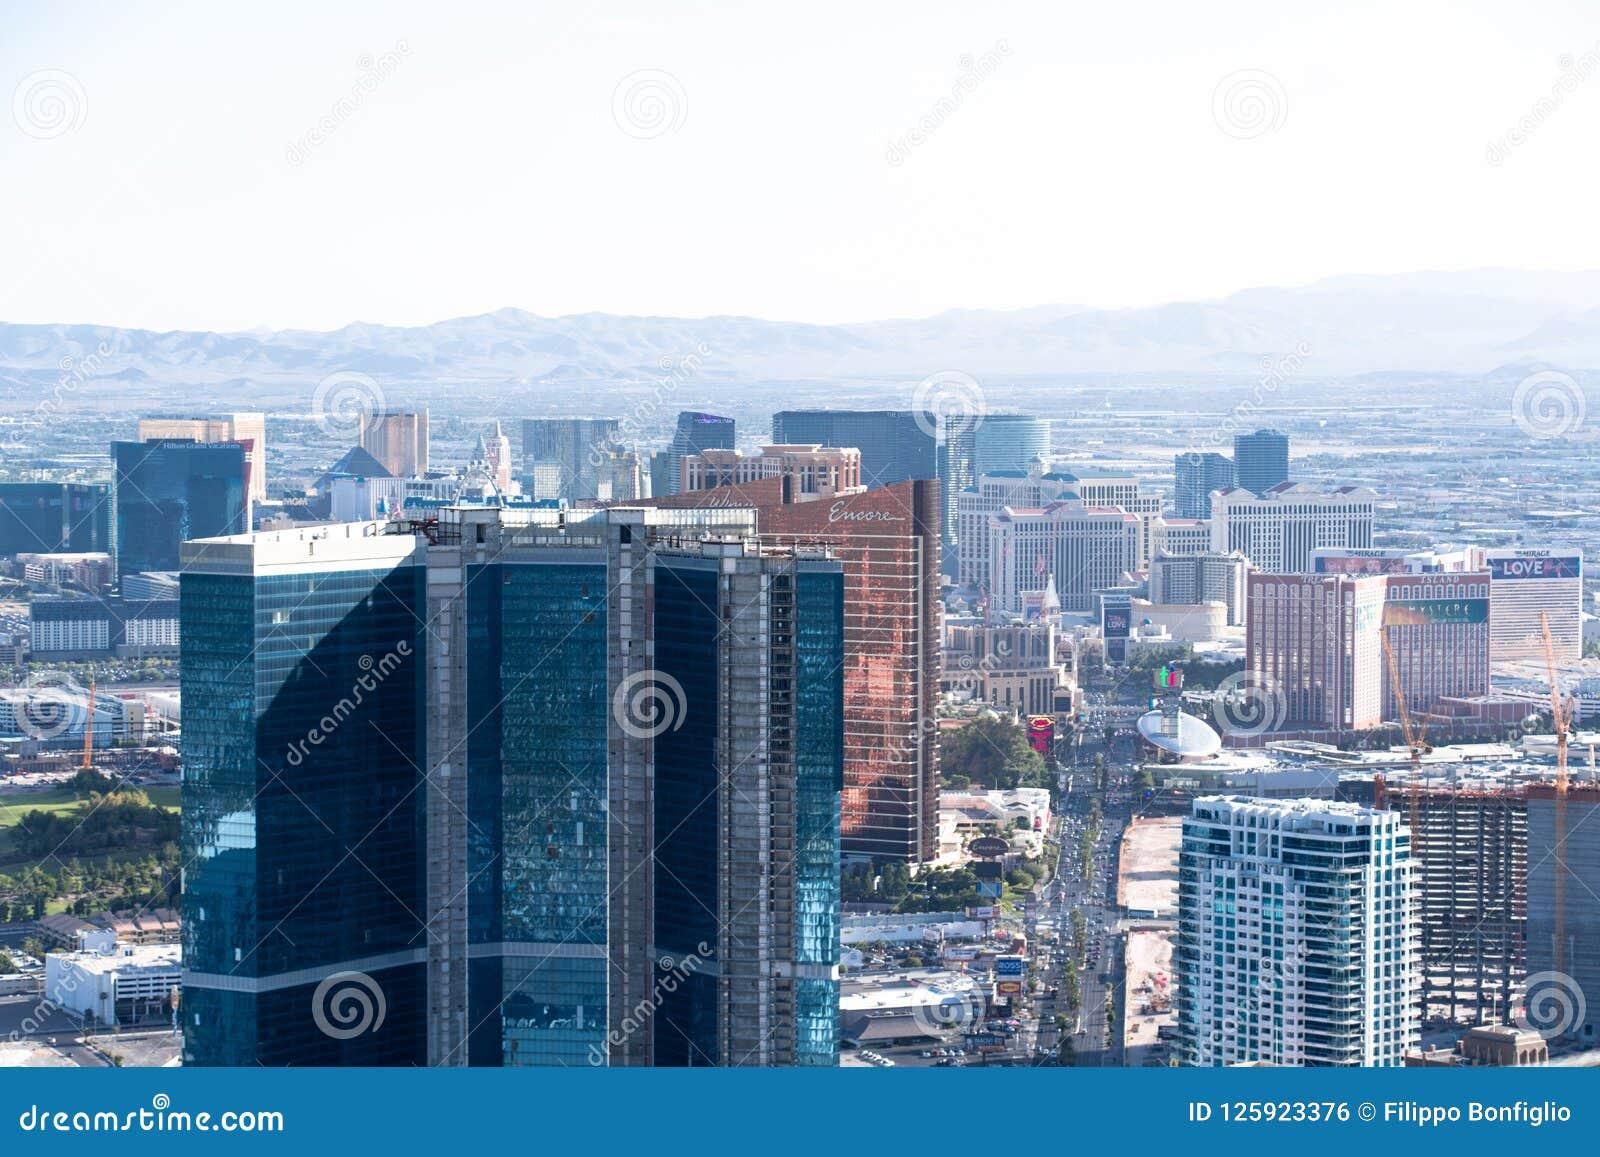 Las Vegas NV, USA 09032018: cityscape från stratosfärtornet under dagen med berg i bakgrunden